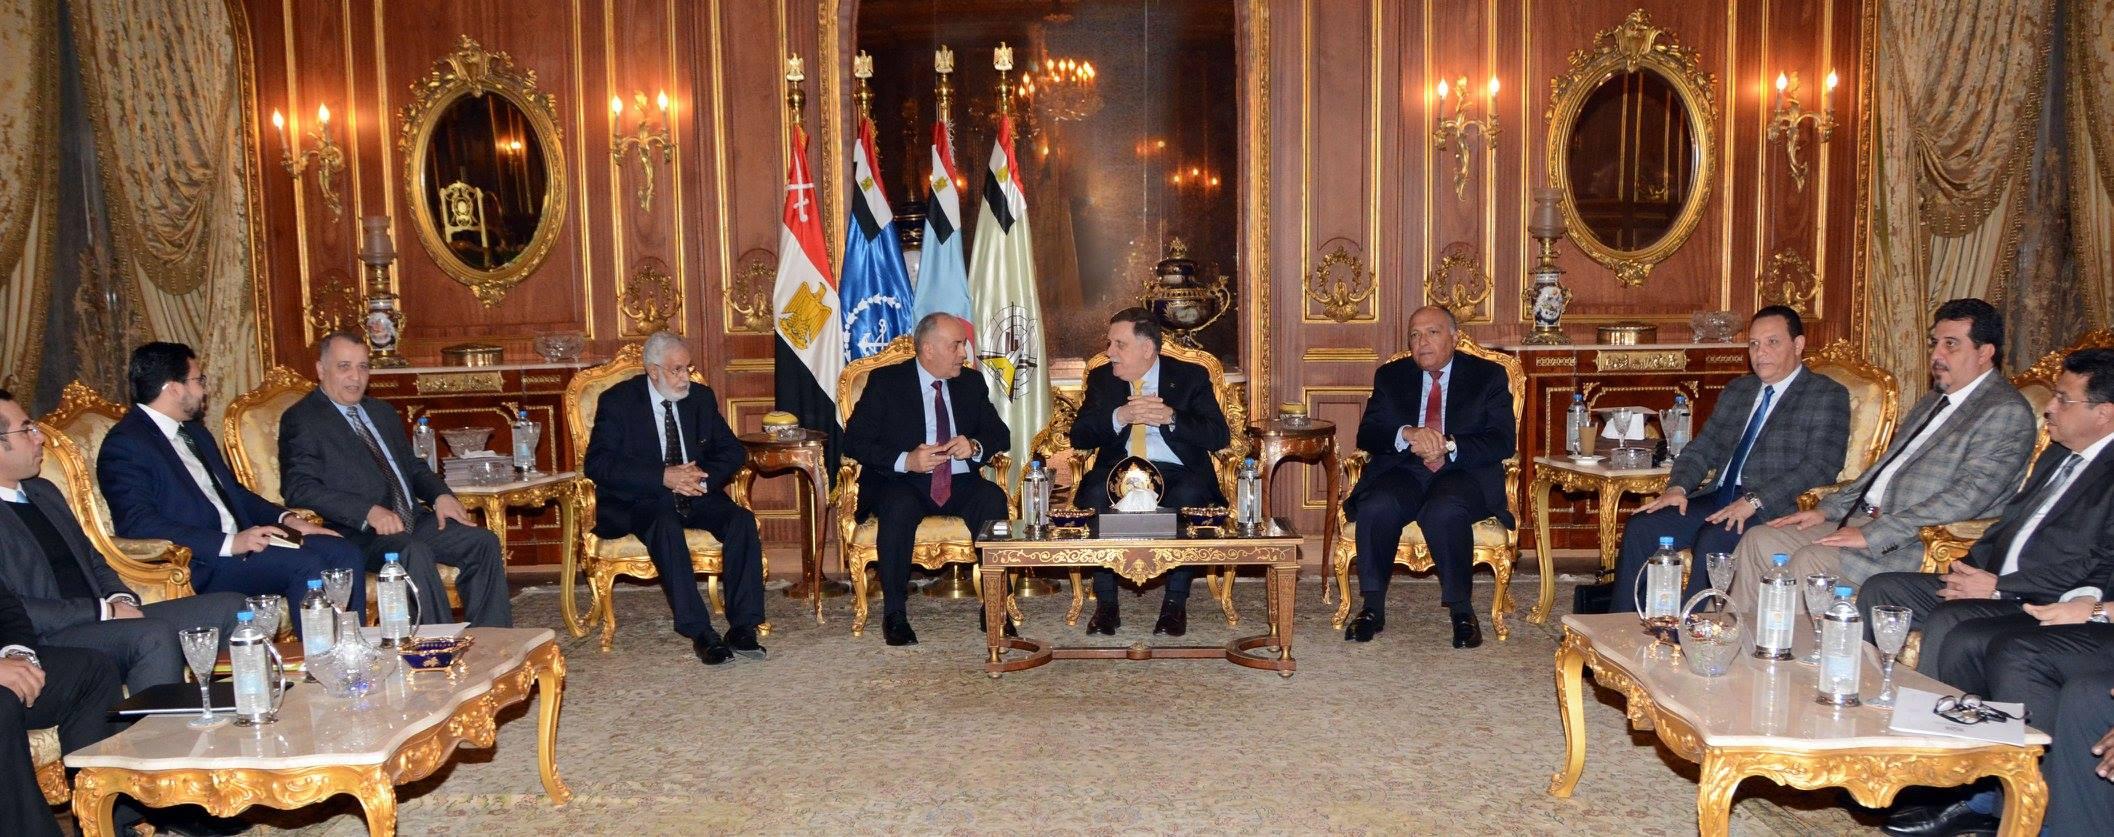 كواليس المحاولة المصرية «نصف الناجحة» لاستضافة قمة ليبية بين «السراج» و«حفتر»   مدى مصر